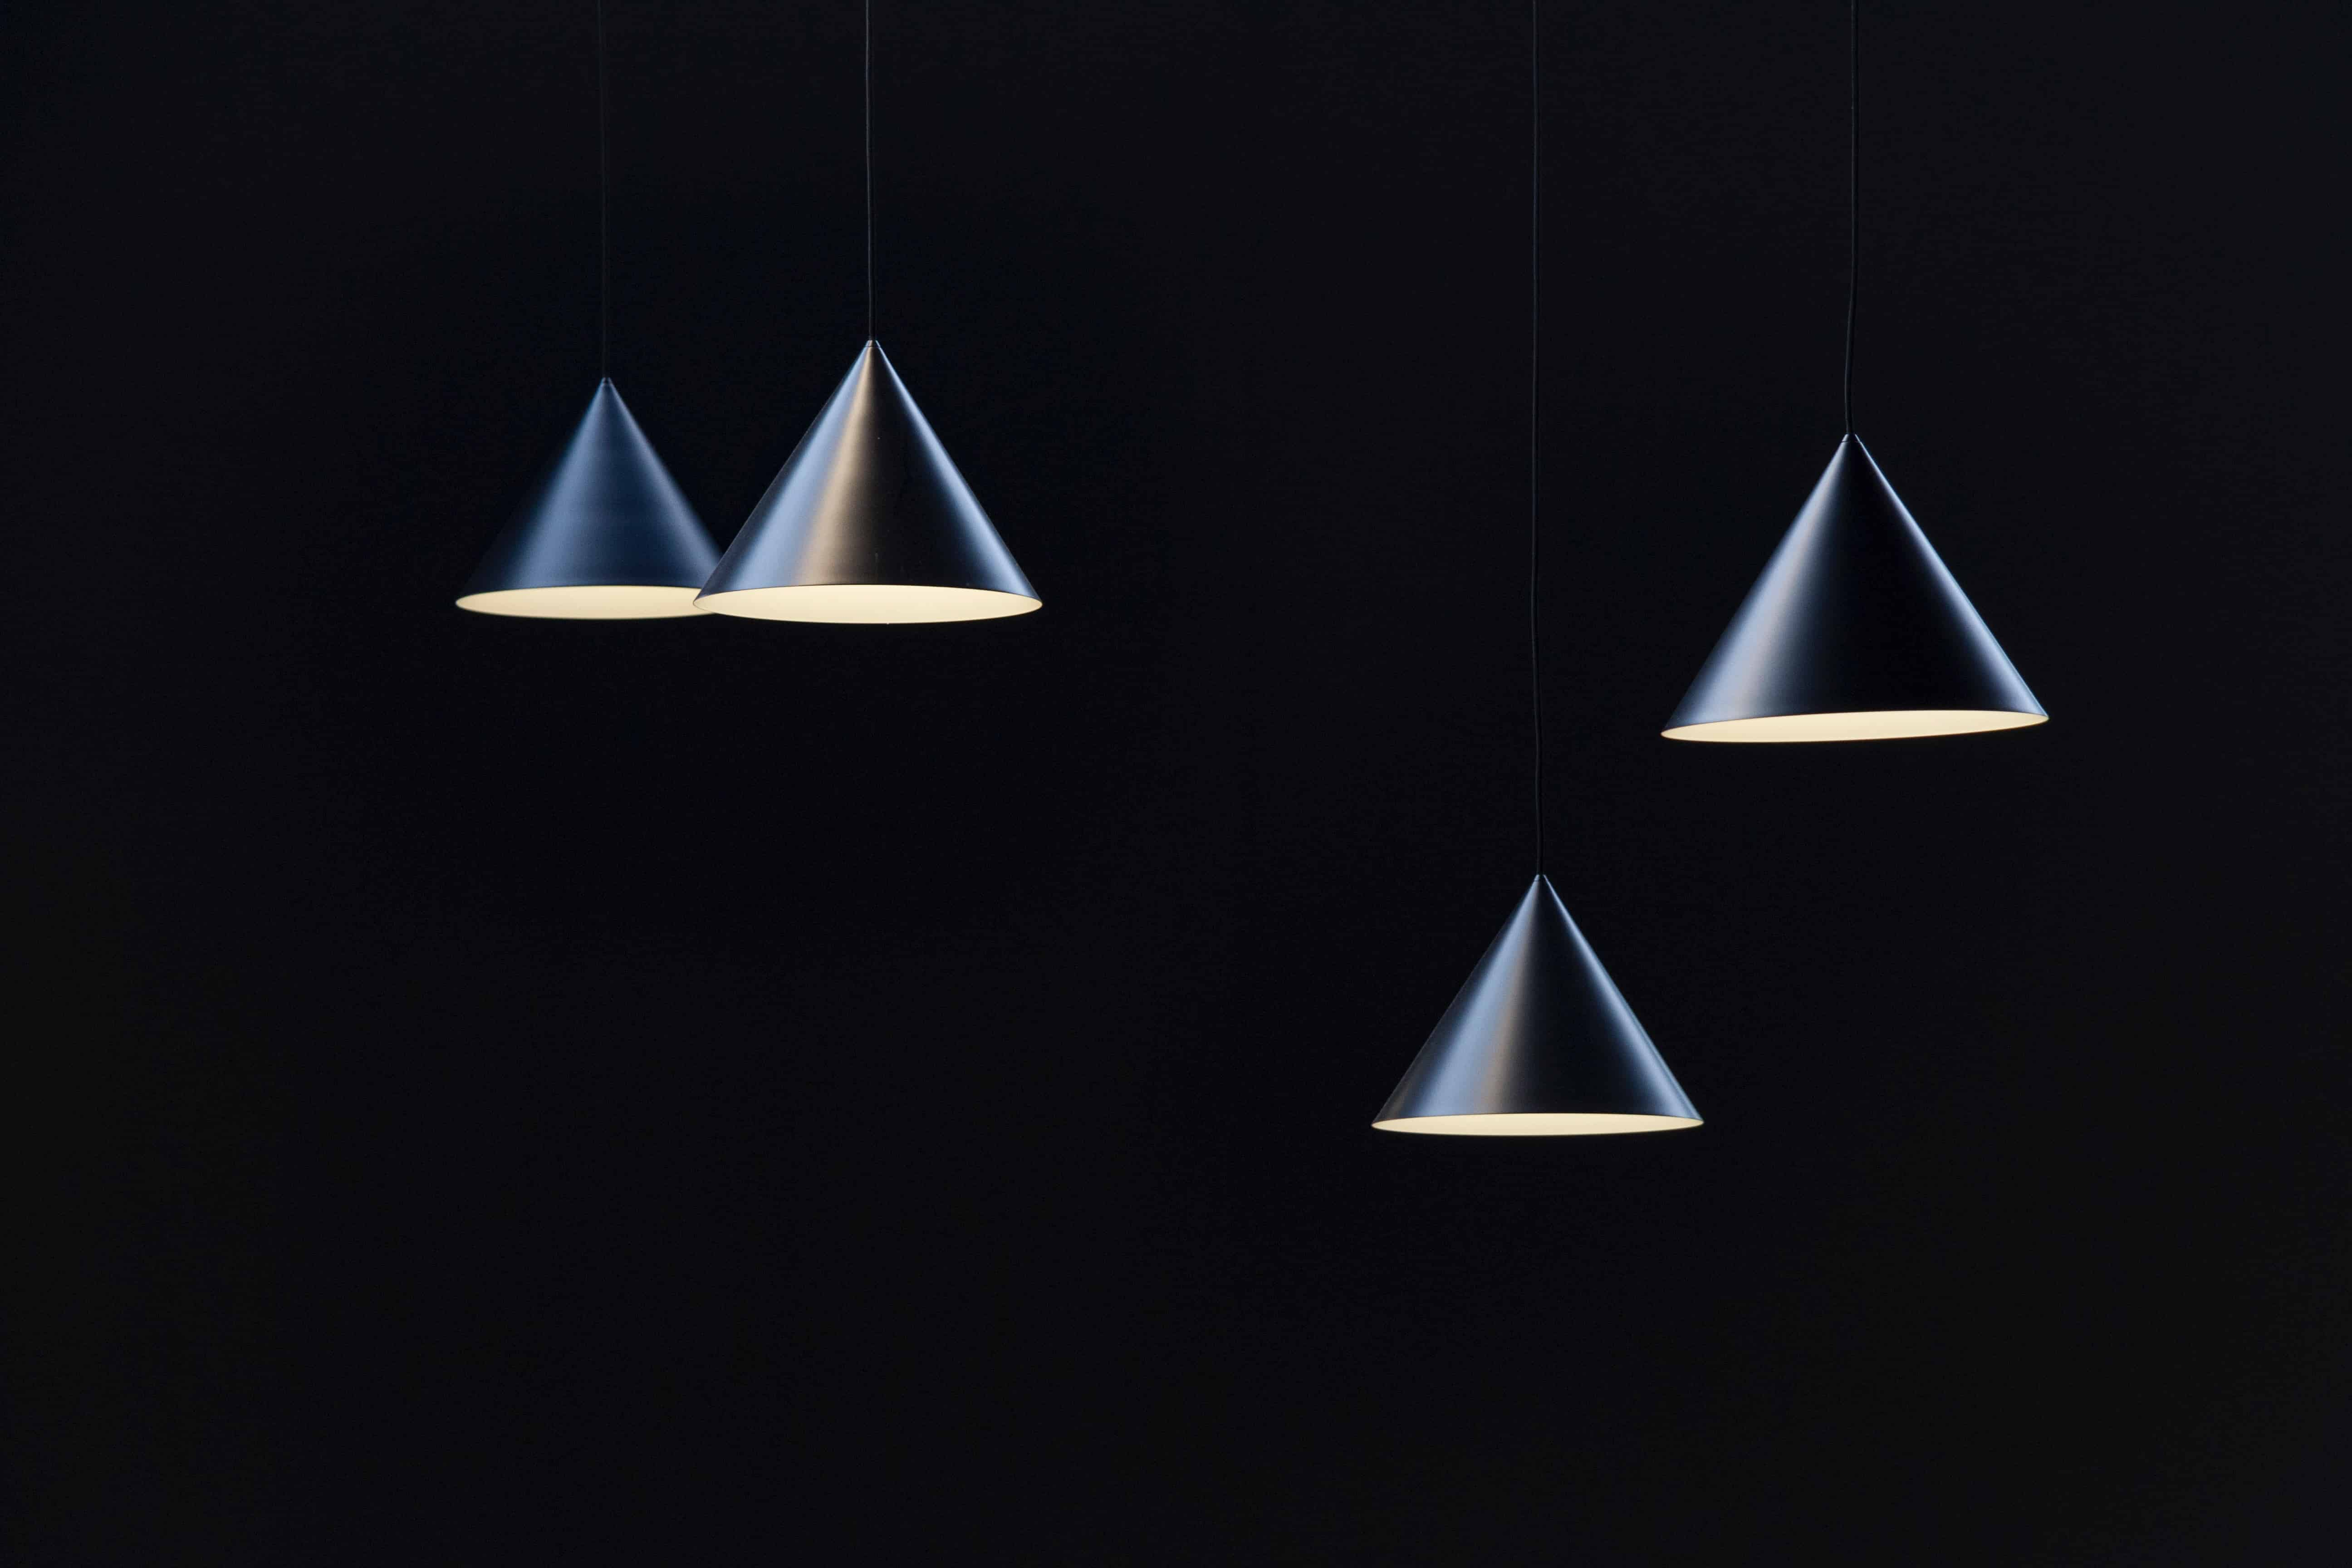 Wohnzimmer Lampe Aldi – Caseconrad.com